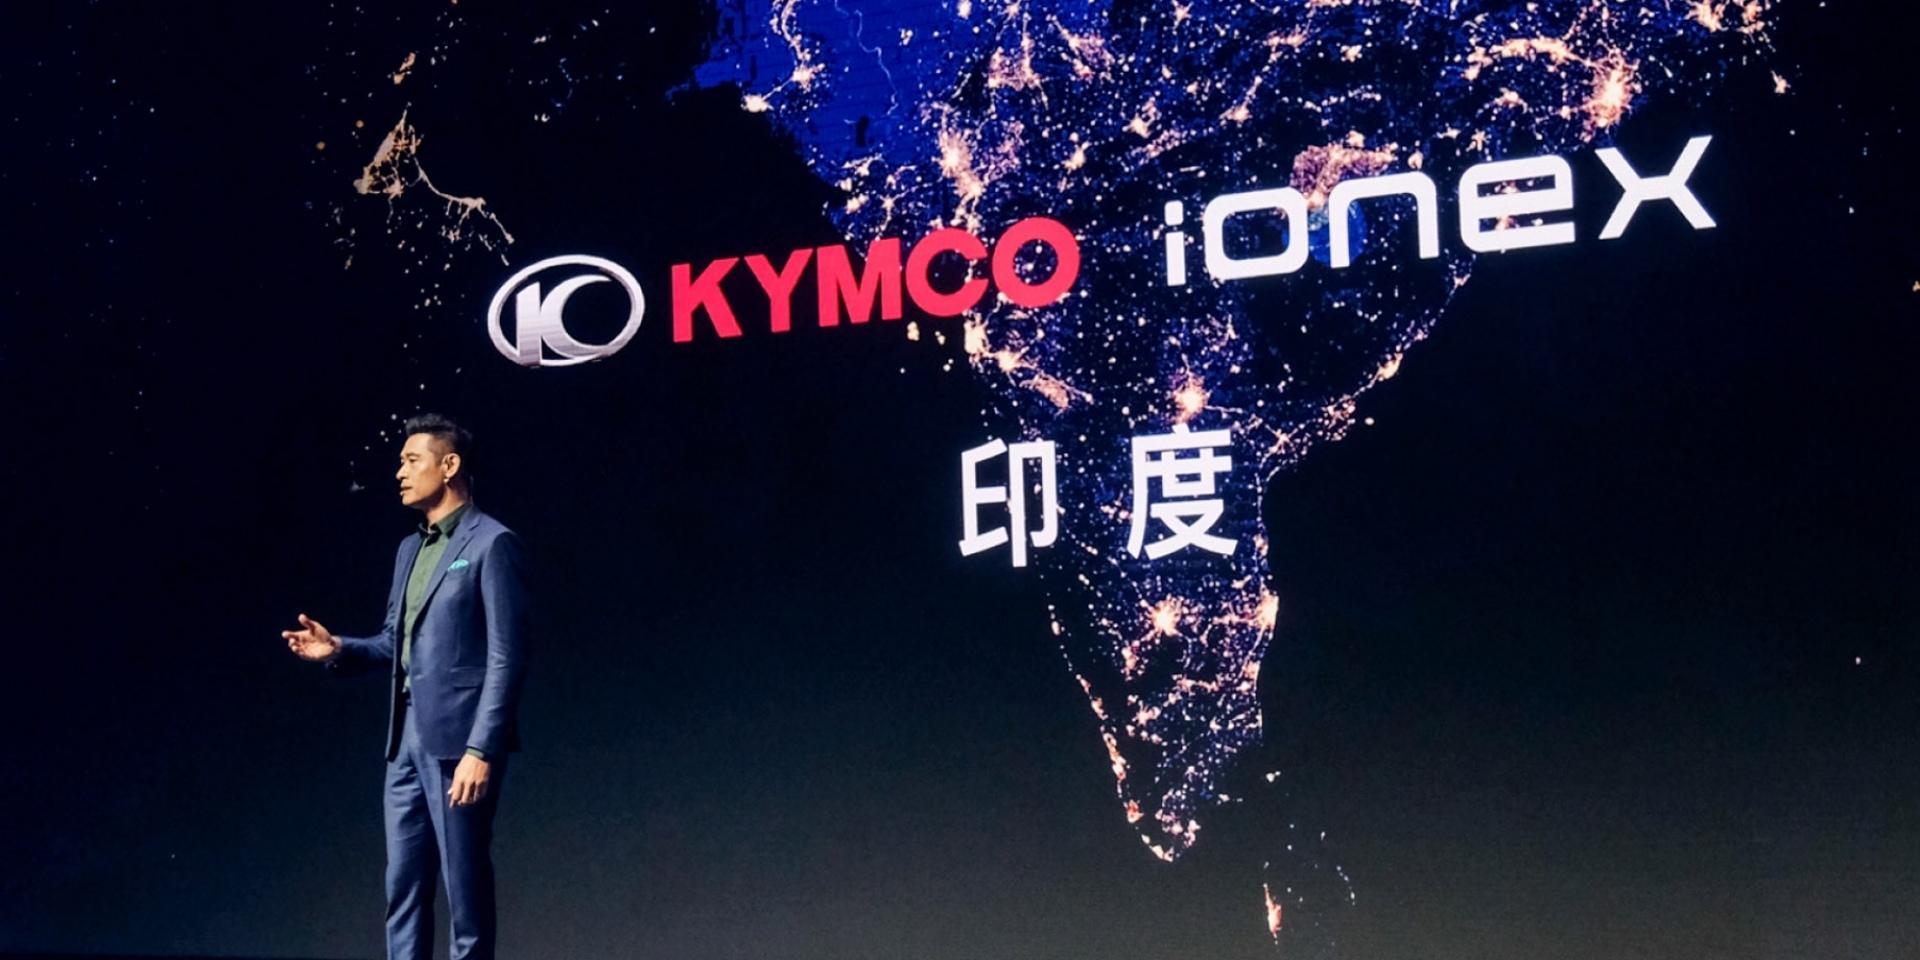 二輪世界新戰場 印度。KYMCO Ionex揮軍搶佔全球最大市場!